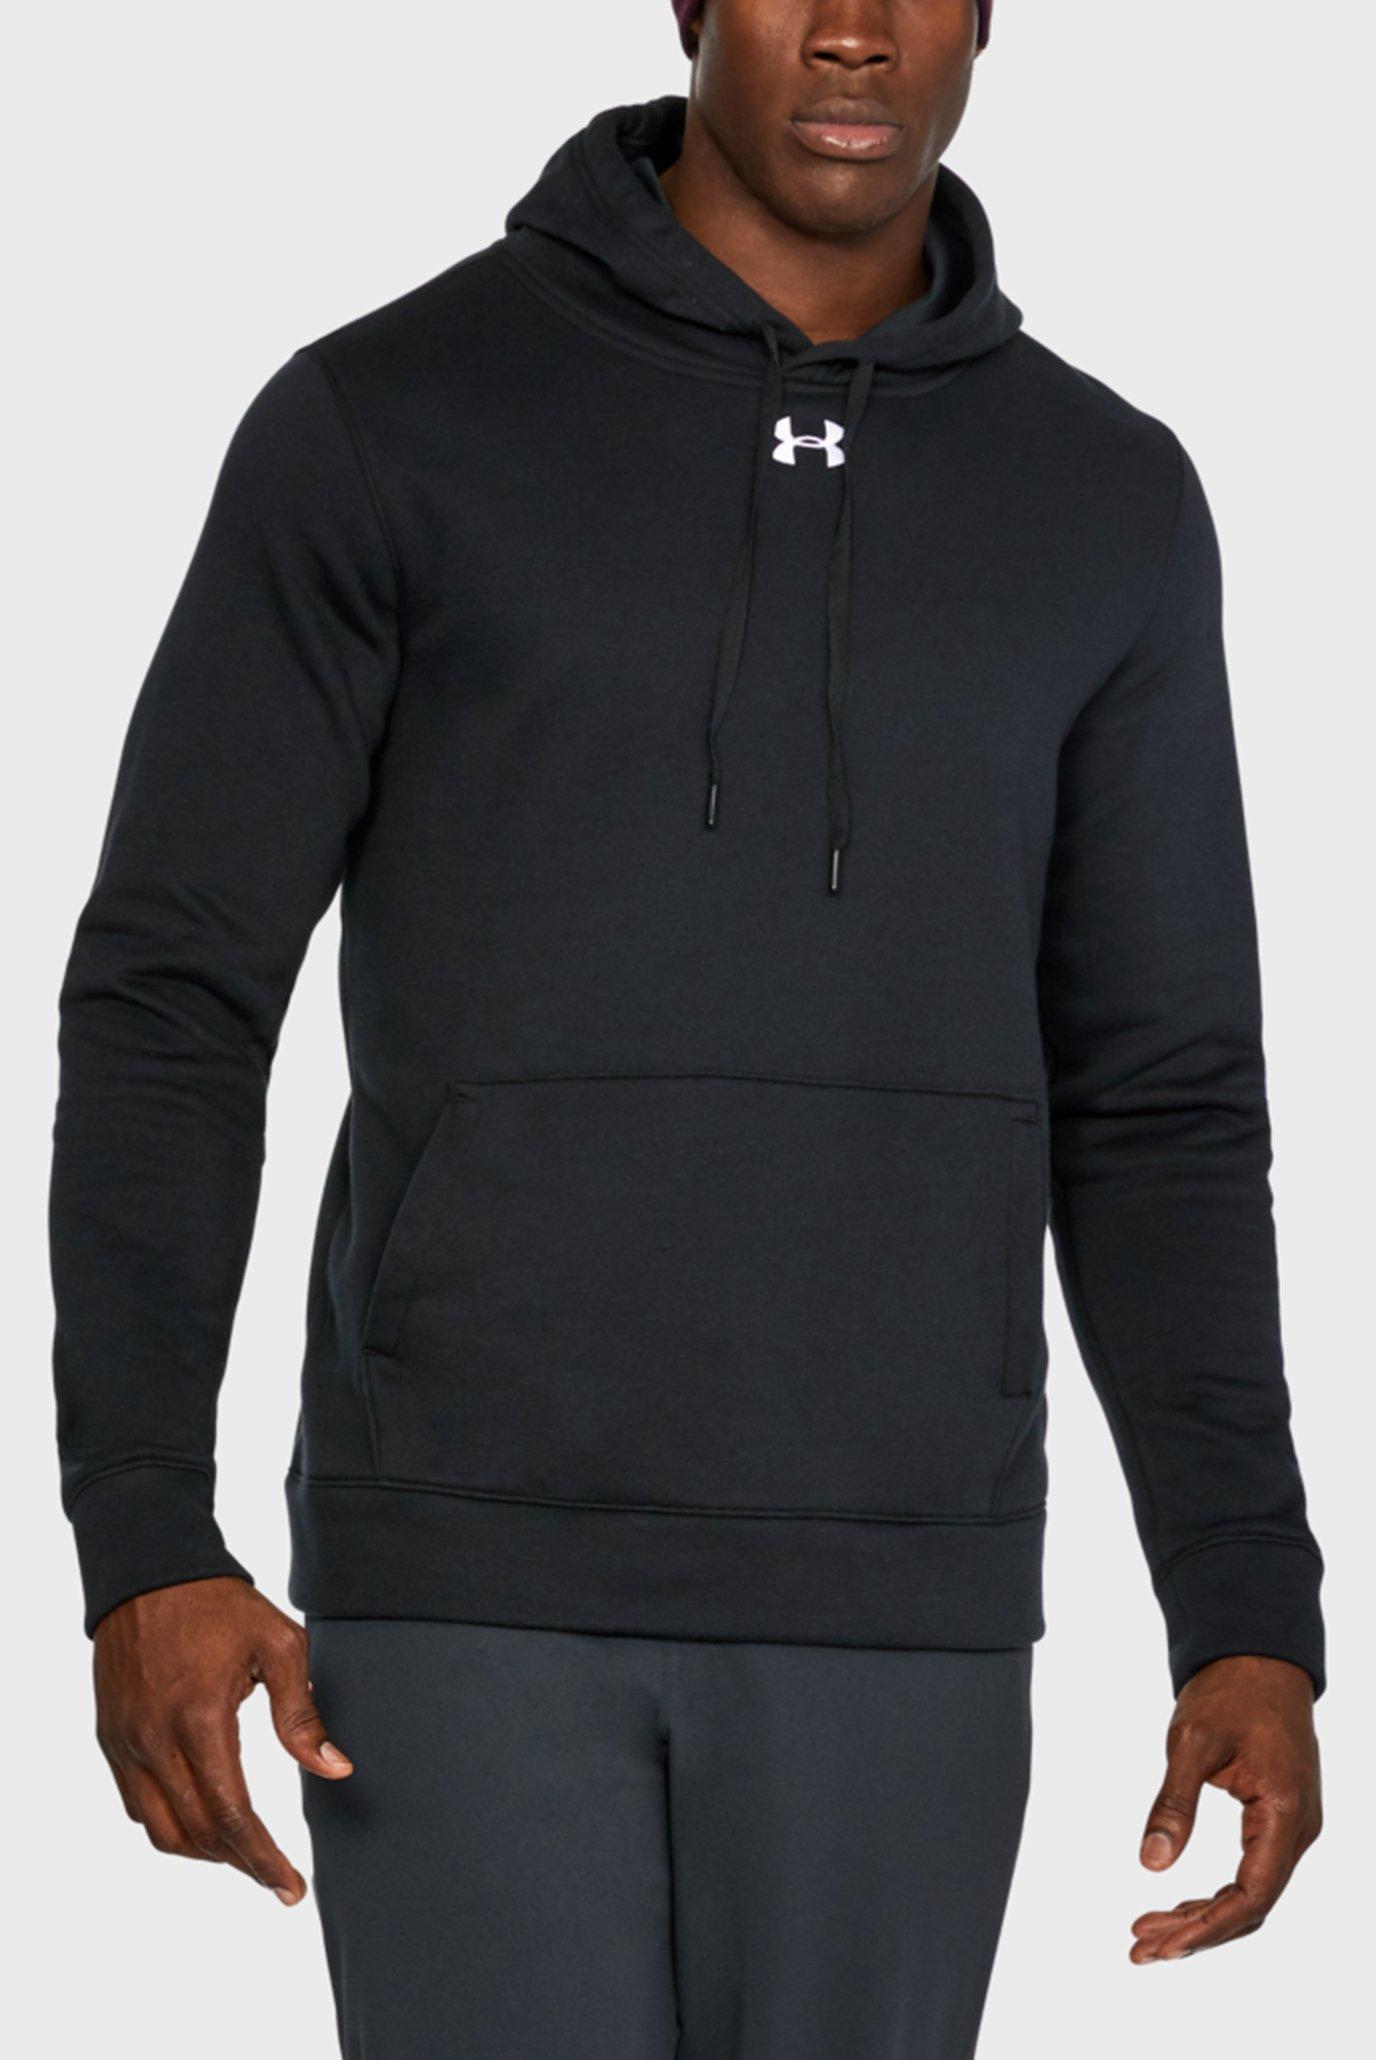 Купить Мужское черное худи UA M's Hustle Fleece Hoody Under Armour Under Armour 1300123-001 – Киев, Украина. Цены в интернет магазине MD Fashion